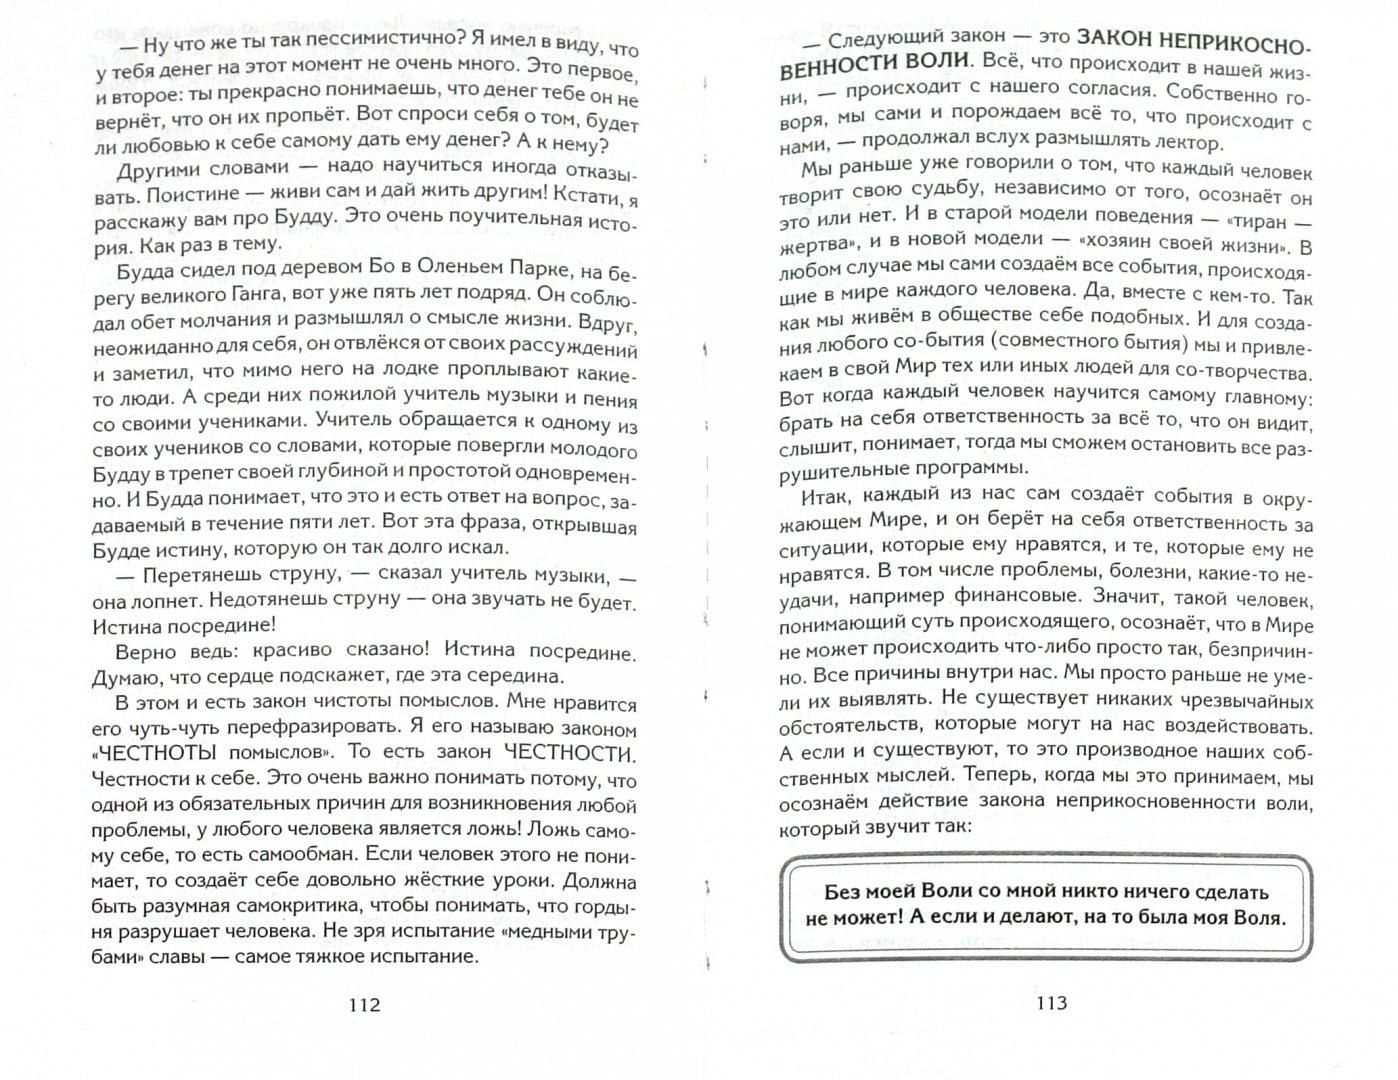 Иллюстрация 1 из 9 для Первые шаги в поисках себя - Слободчиков, Слободчикова   Лабиринт - книги. Источник: Лабиринт